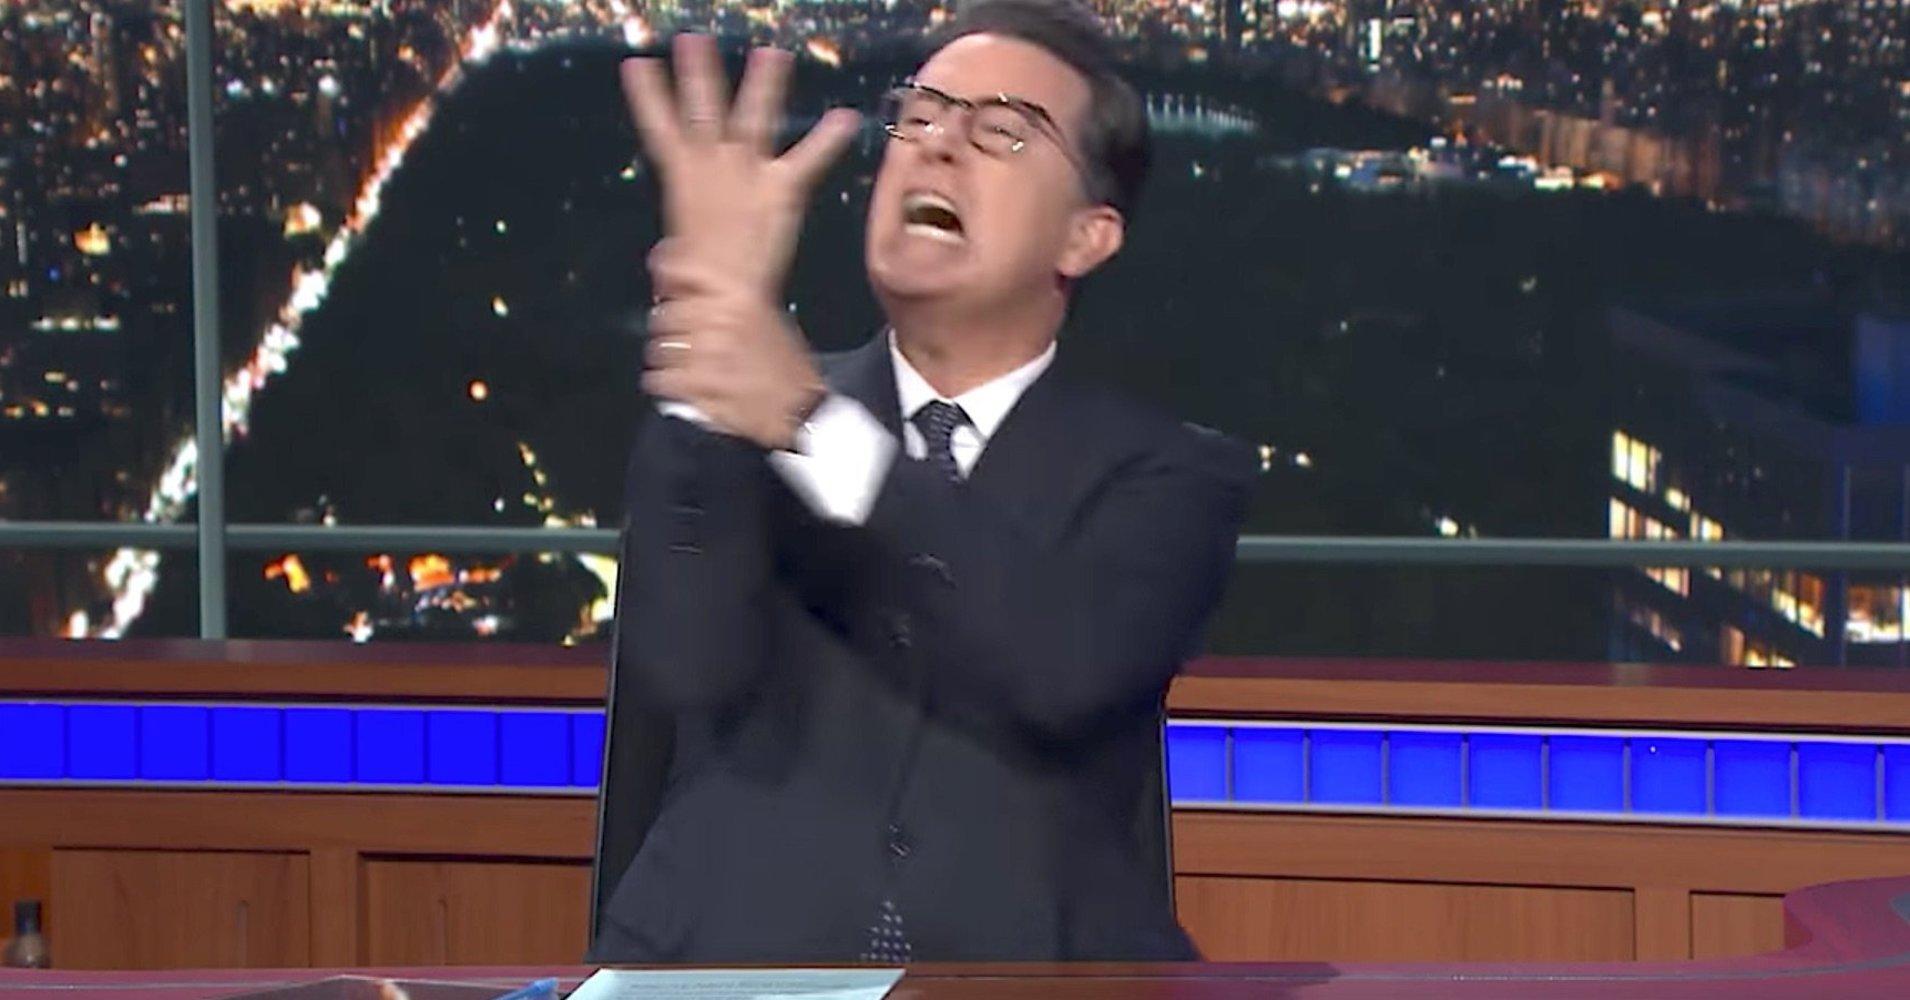 Stephen Colbert releases his hilarious on-camera meltdown video https://t.co/FNJSxtuKLd https://t.co/fElAWlpyHT